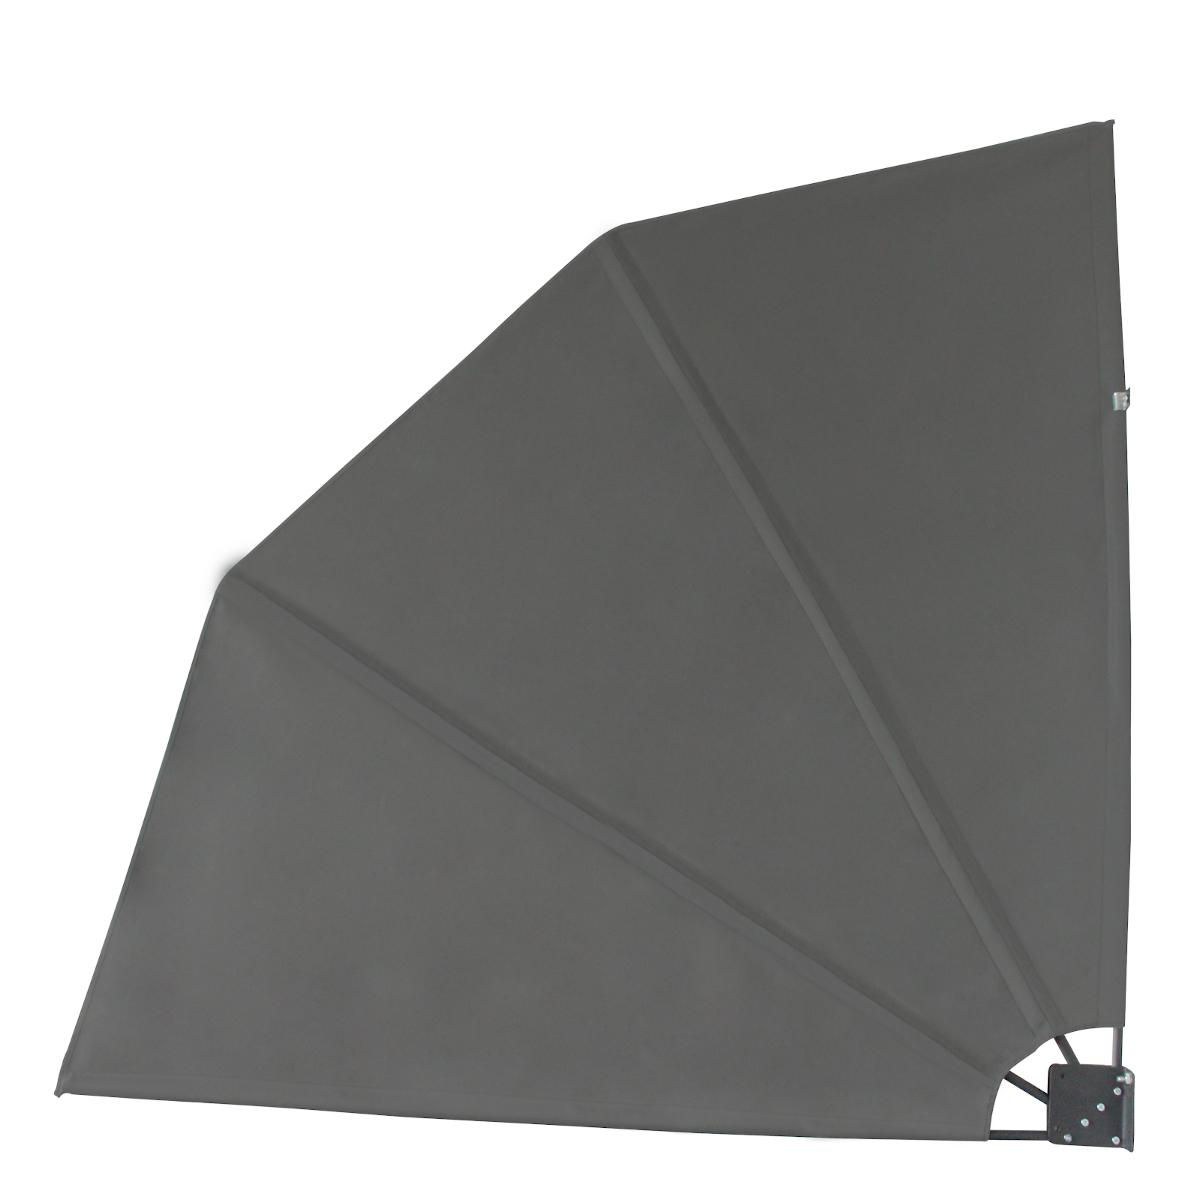 91096 SVITA Balkonfächer Seitenmarkise 160 x 160 cm Dunkelgrau